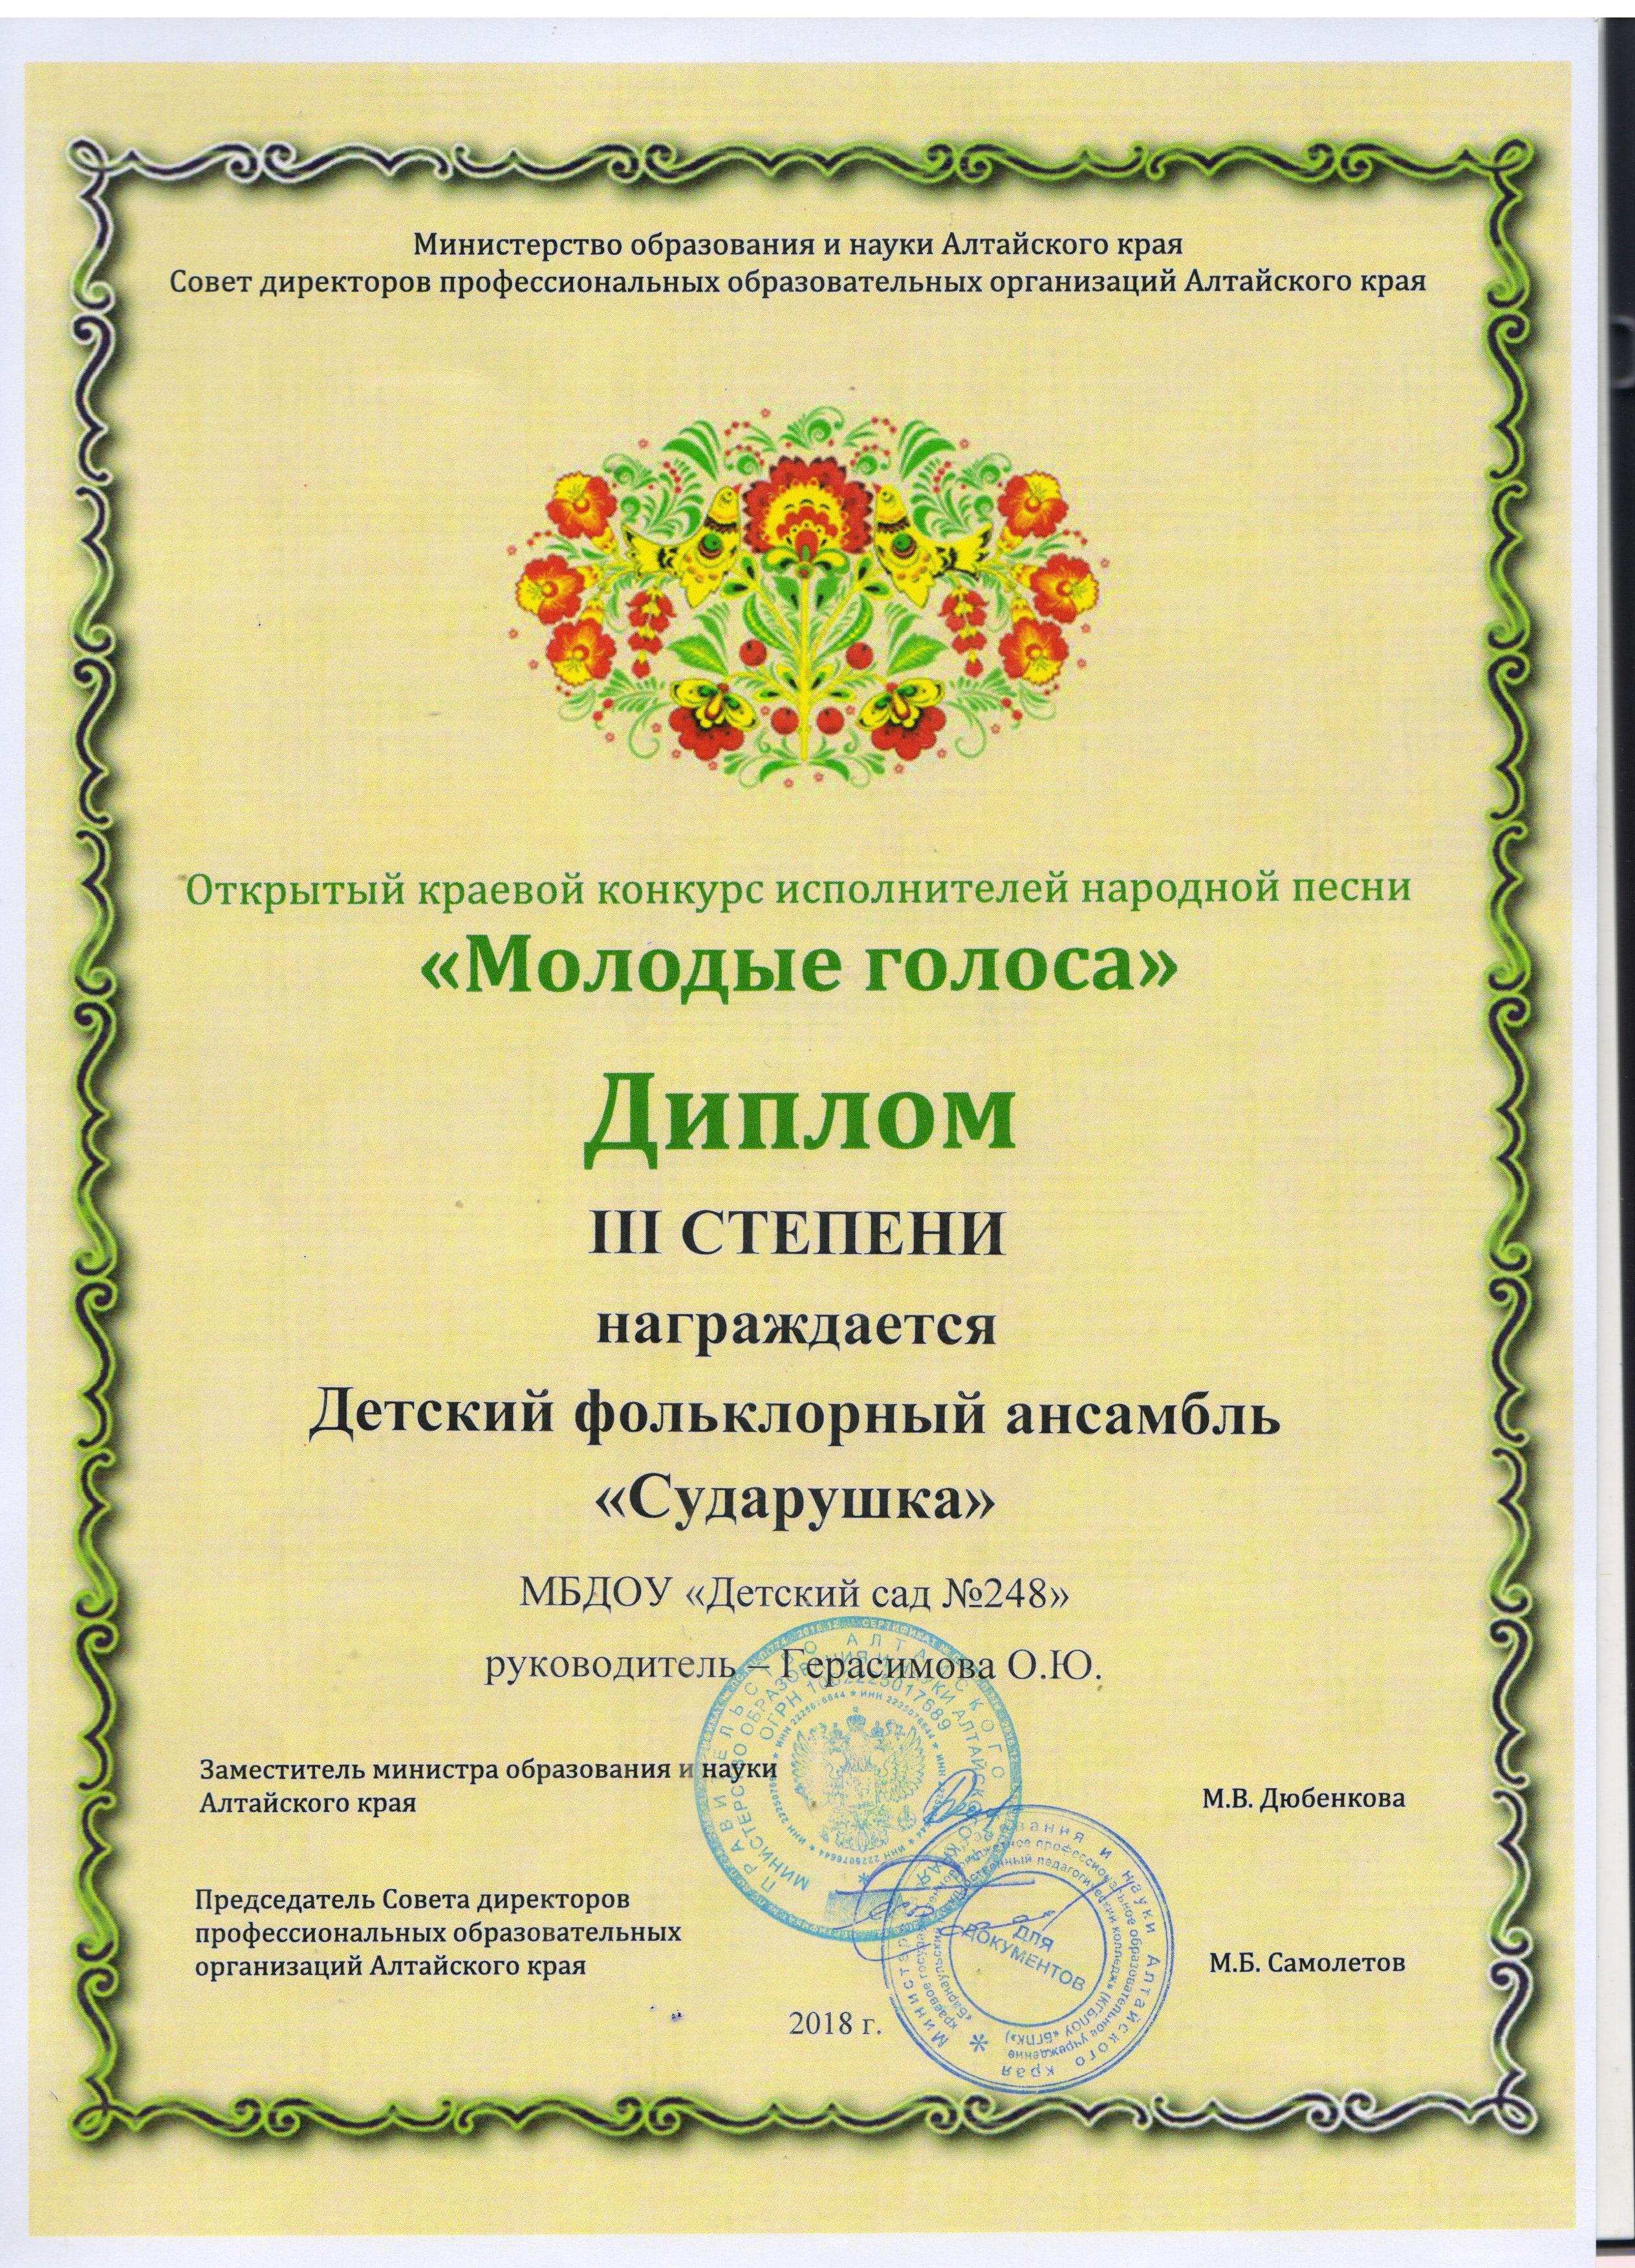 КОНКУРС МОЛОДЫЕ ГОЛОСА 2018 Г 1